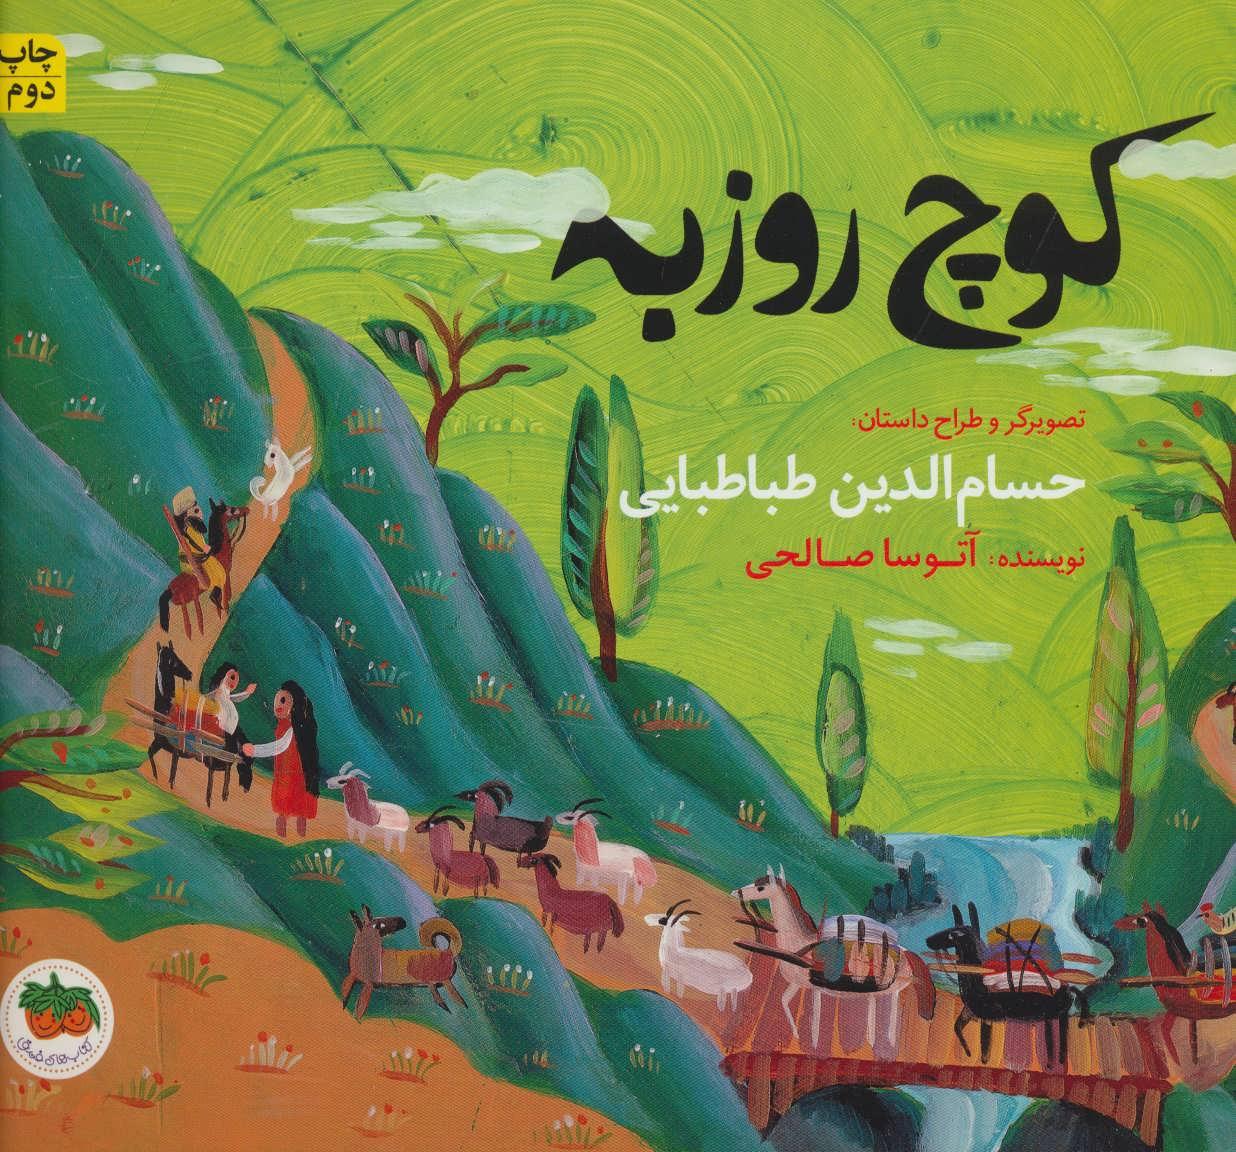 قصه های تصویری (کوچ روزبه)